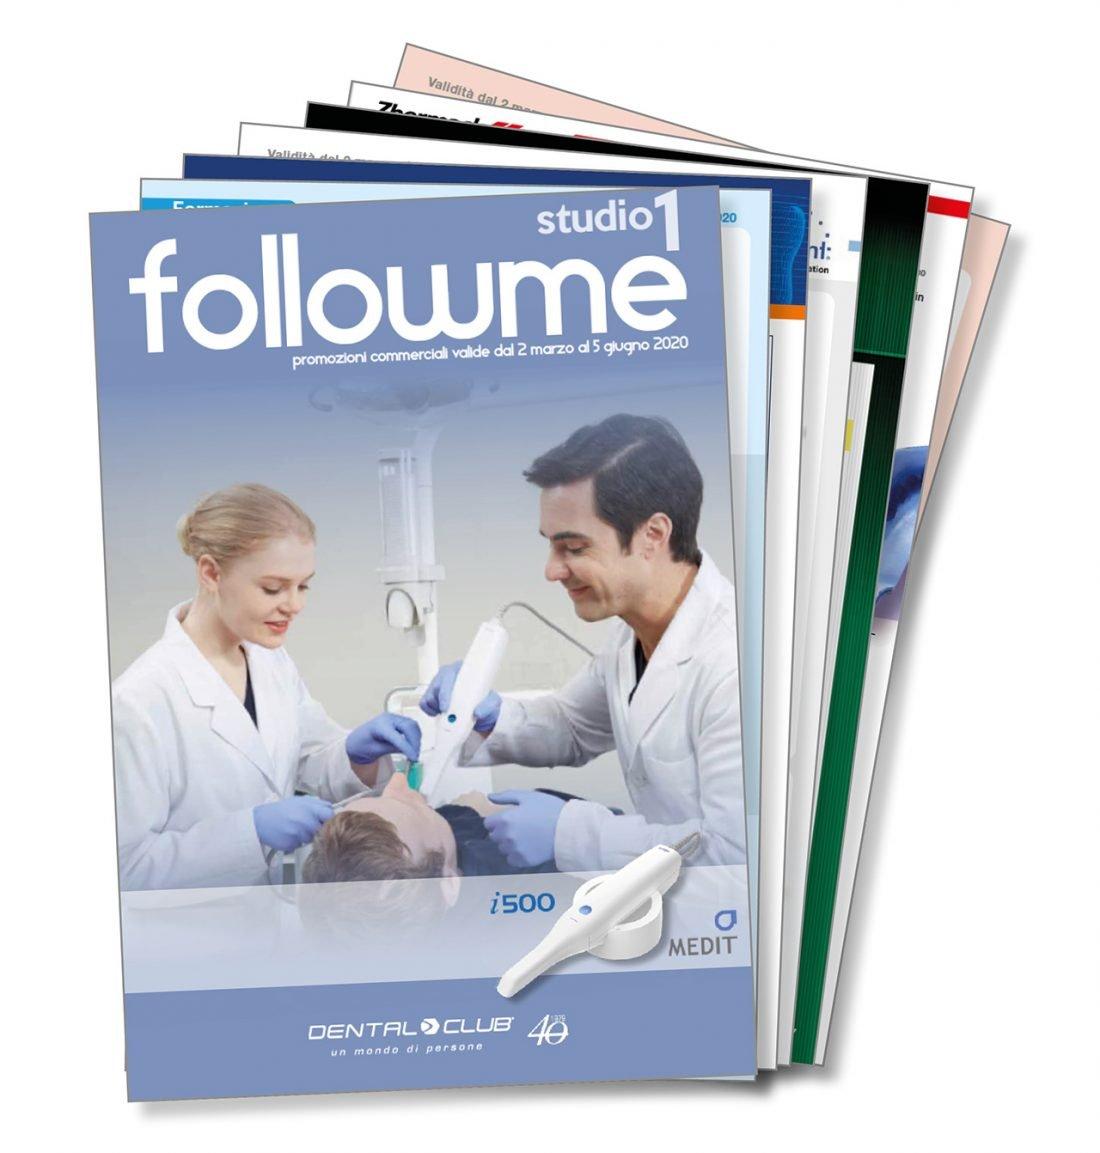 offerte studio dentale dental club follow me